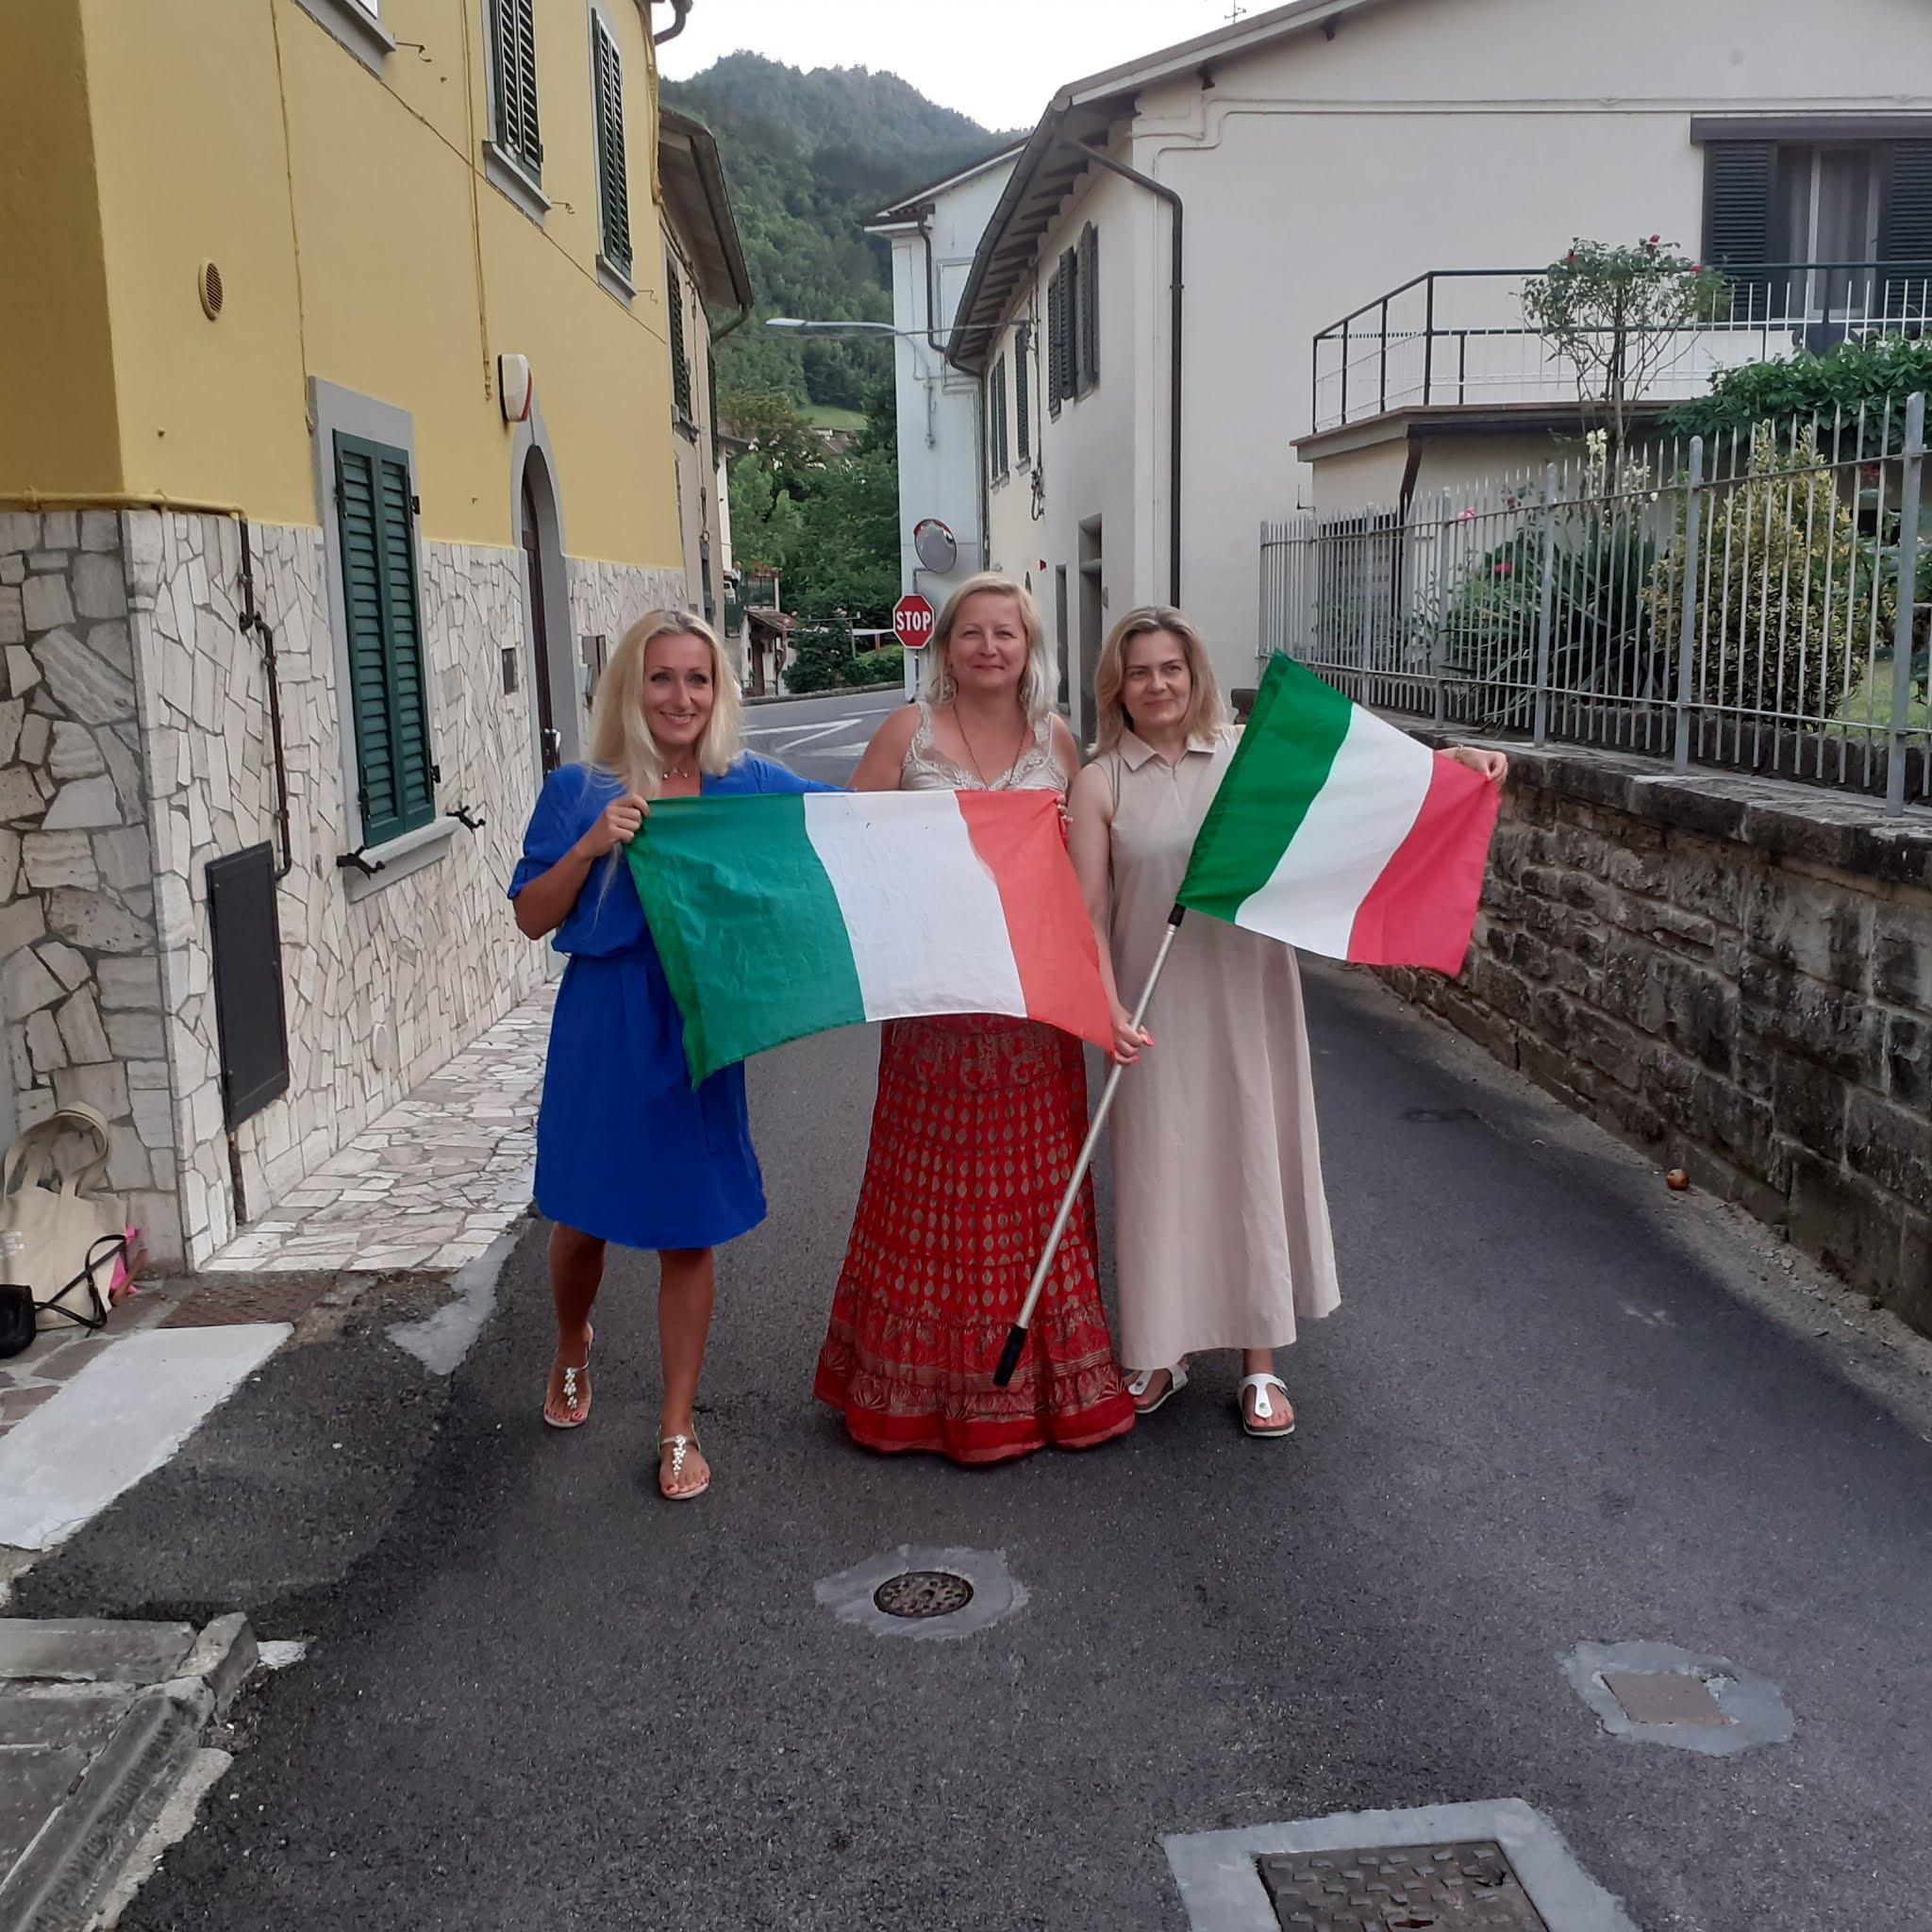 Dom z Kamienia, wakacje w Marradi, Toskania